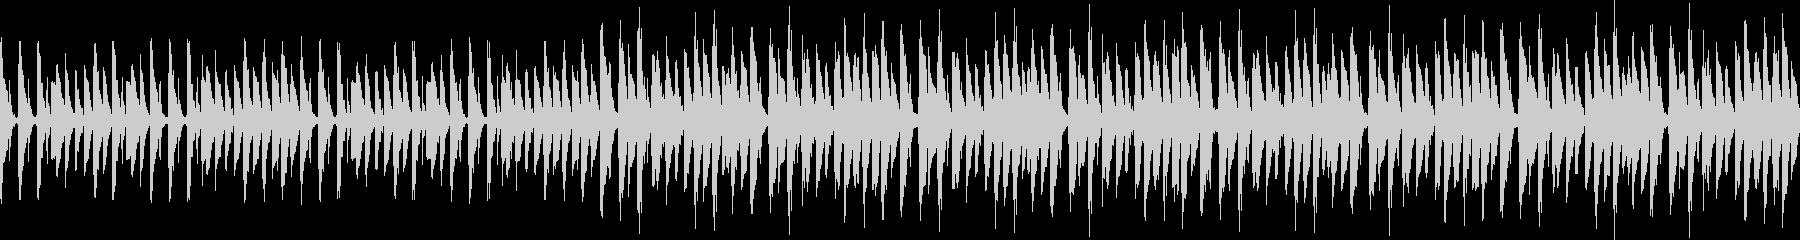 シンプルなテクノ風ループの未再生の波形